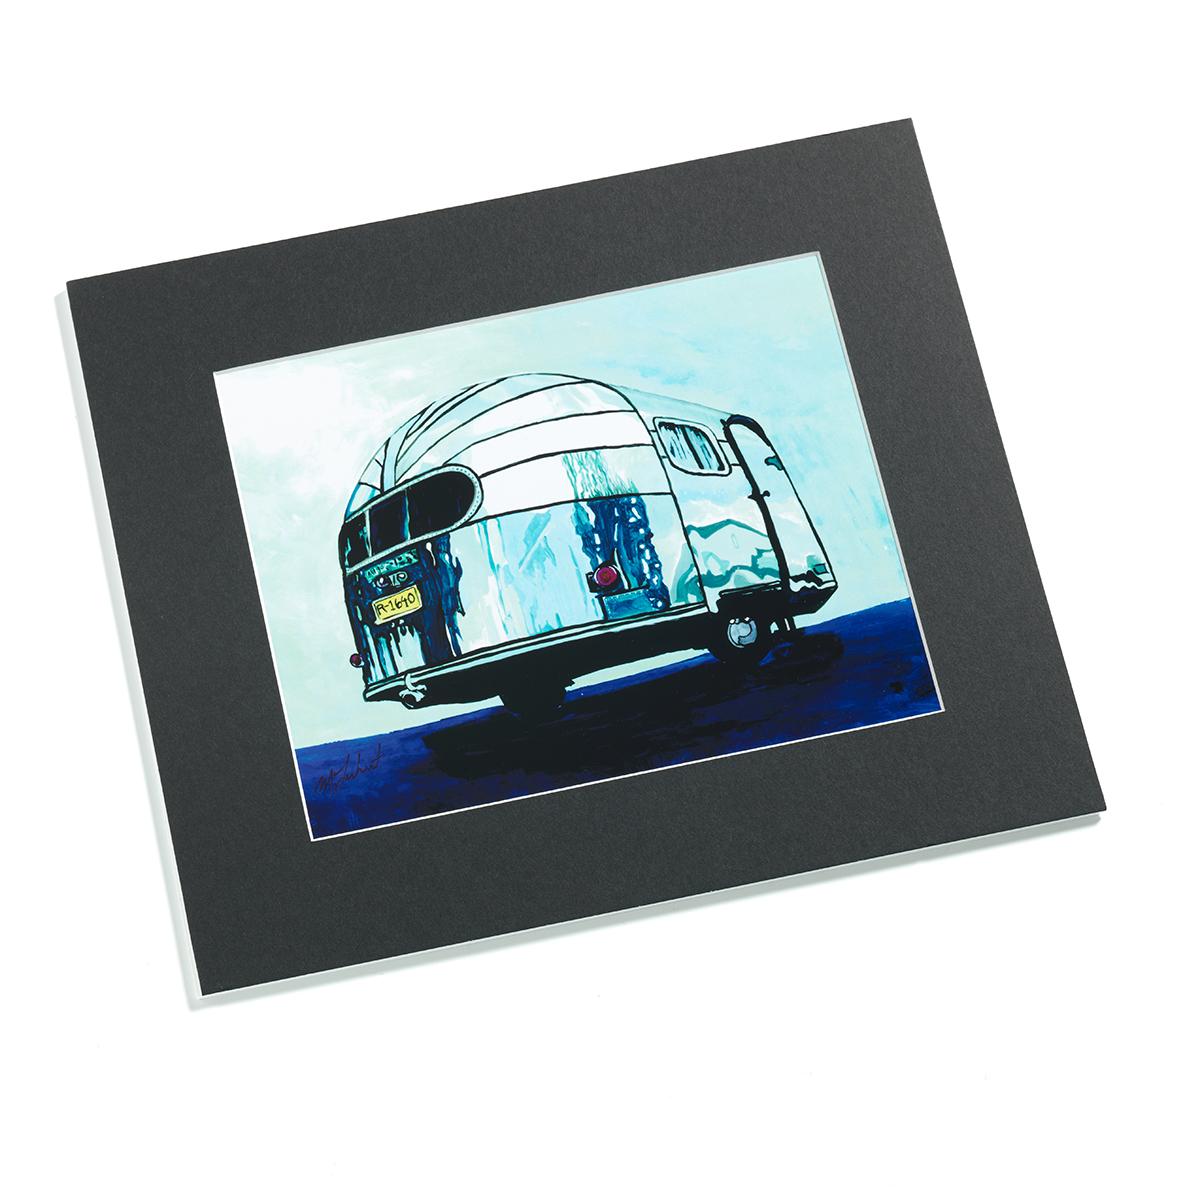 AIRMKT eCom PN 76072W-14 Wee Wind Art Print R-1640 Black Matte_50352 WEB